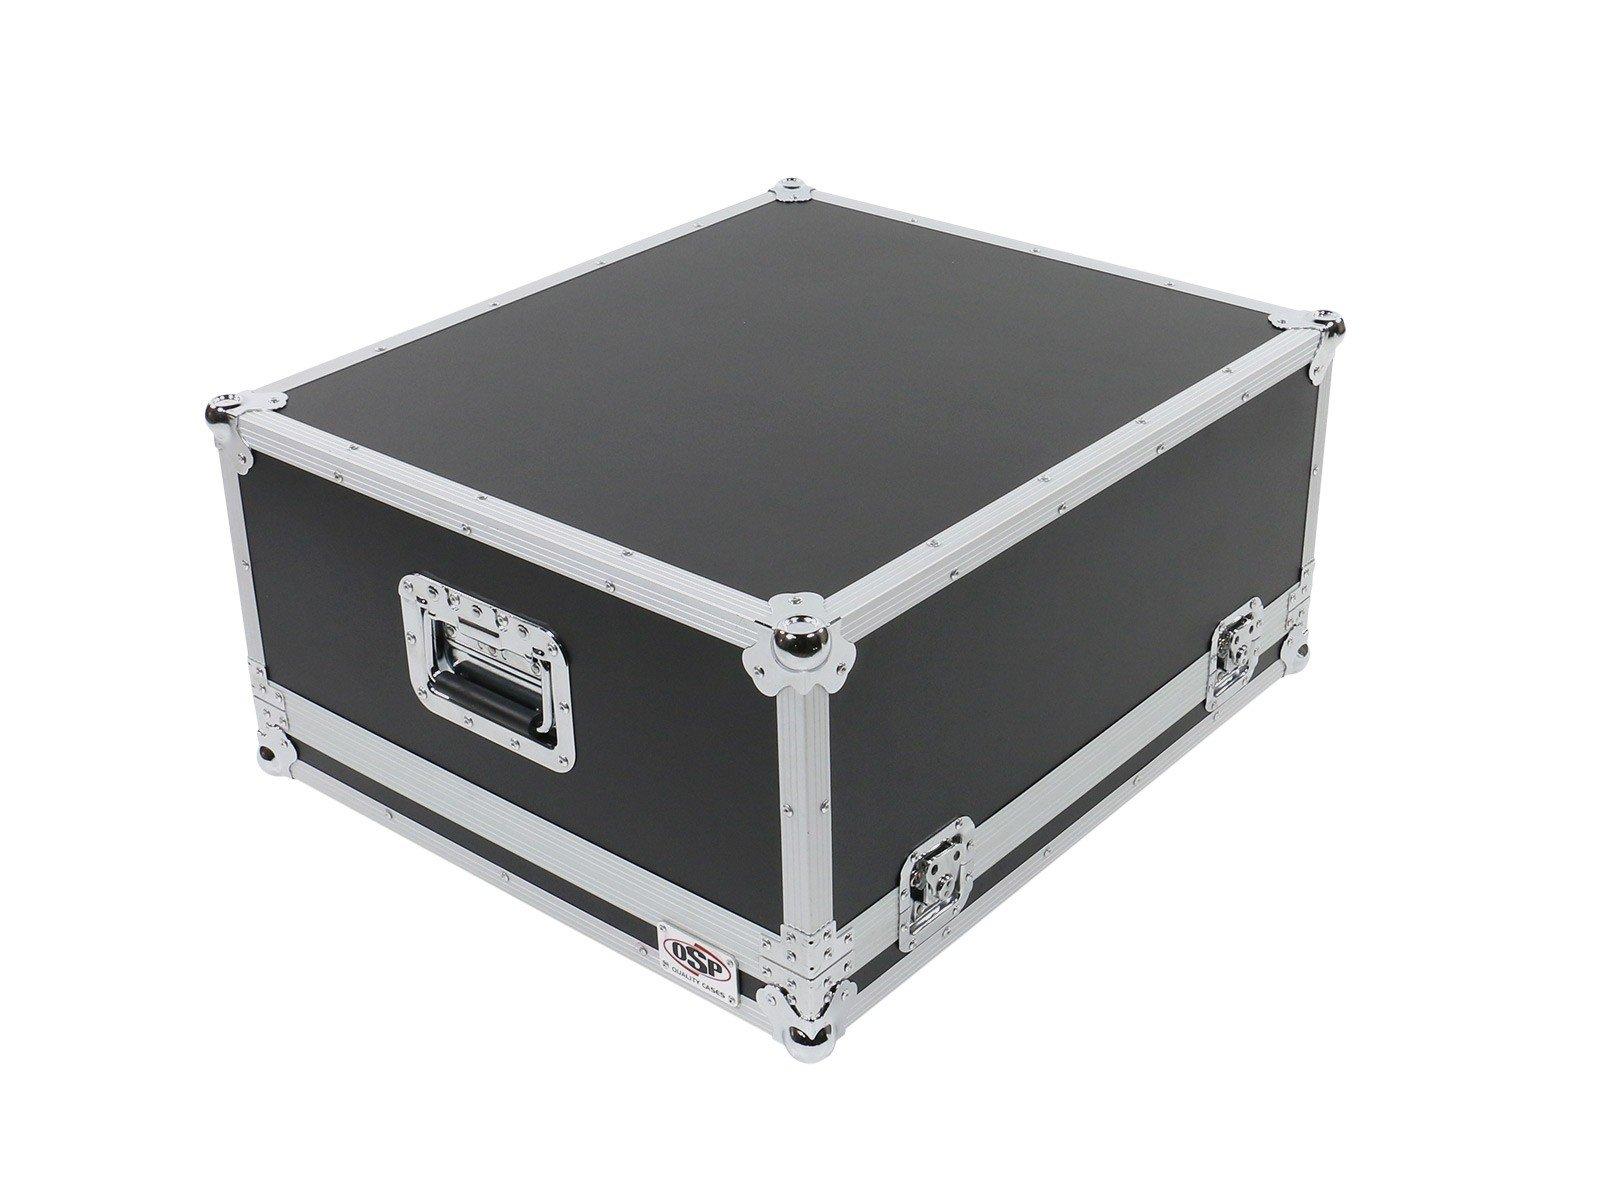 OSP Cases | ATA Road Case | Mixer Case for Yamaha TF1 Mixing Console | ATA-TF1